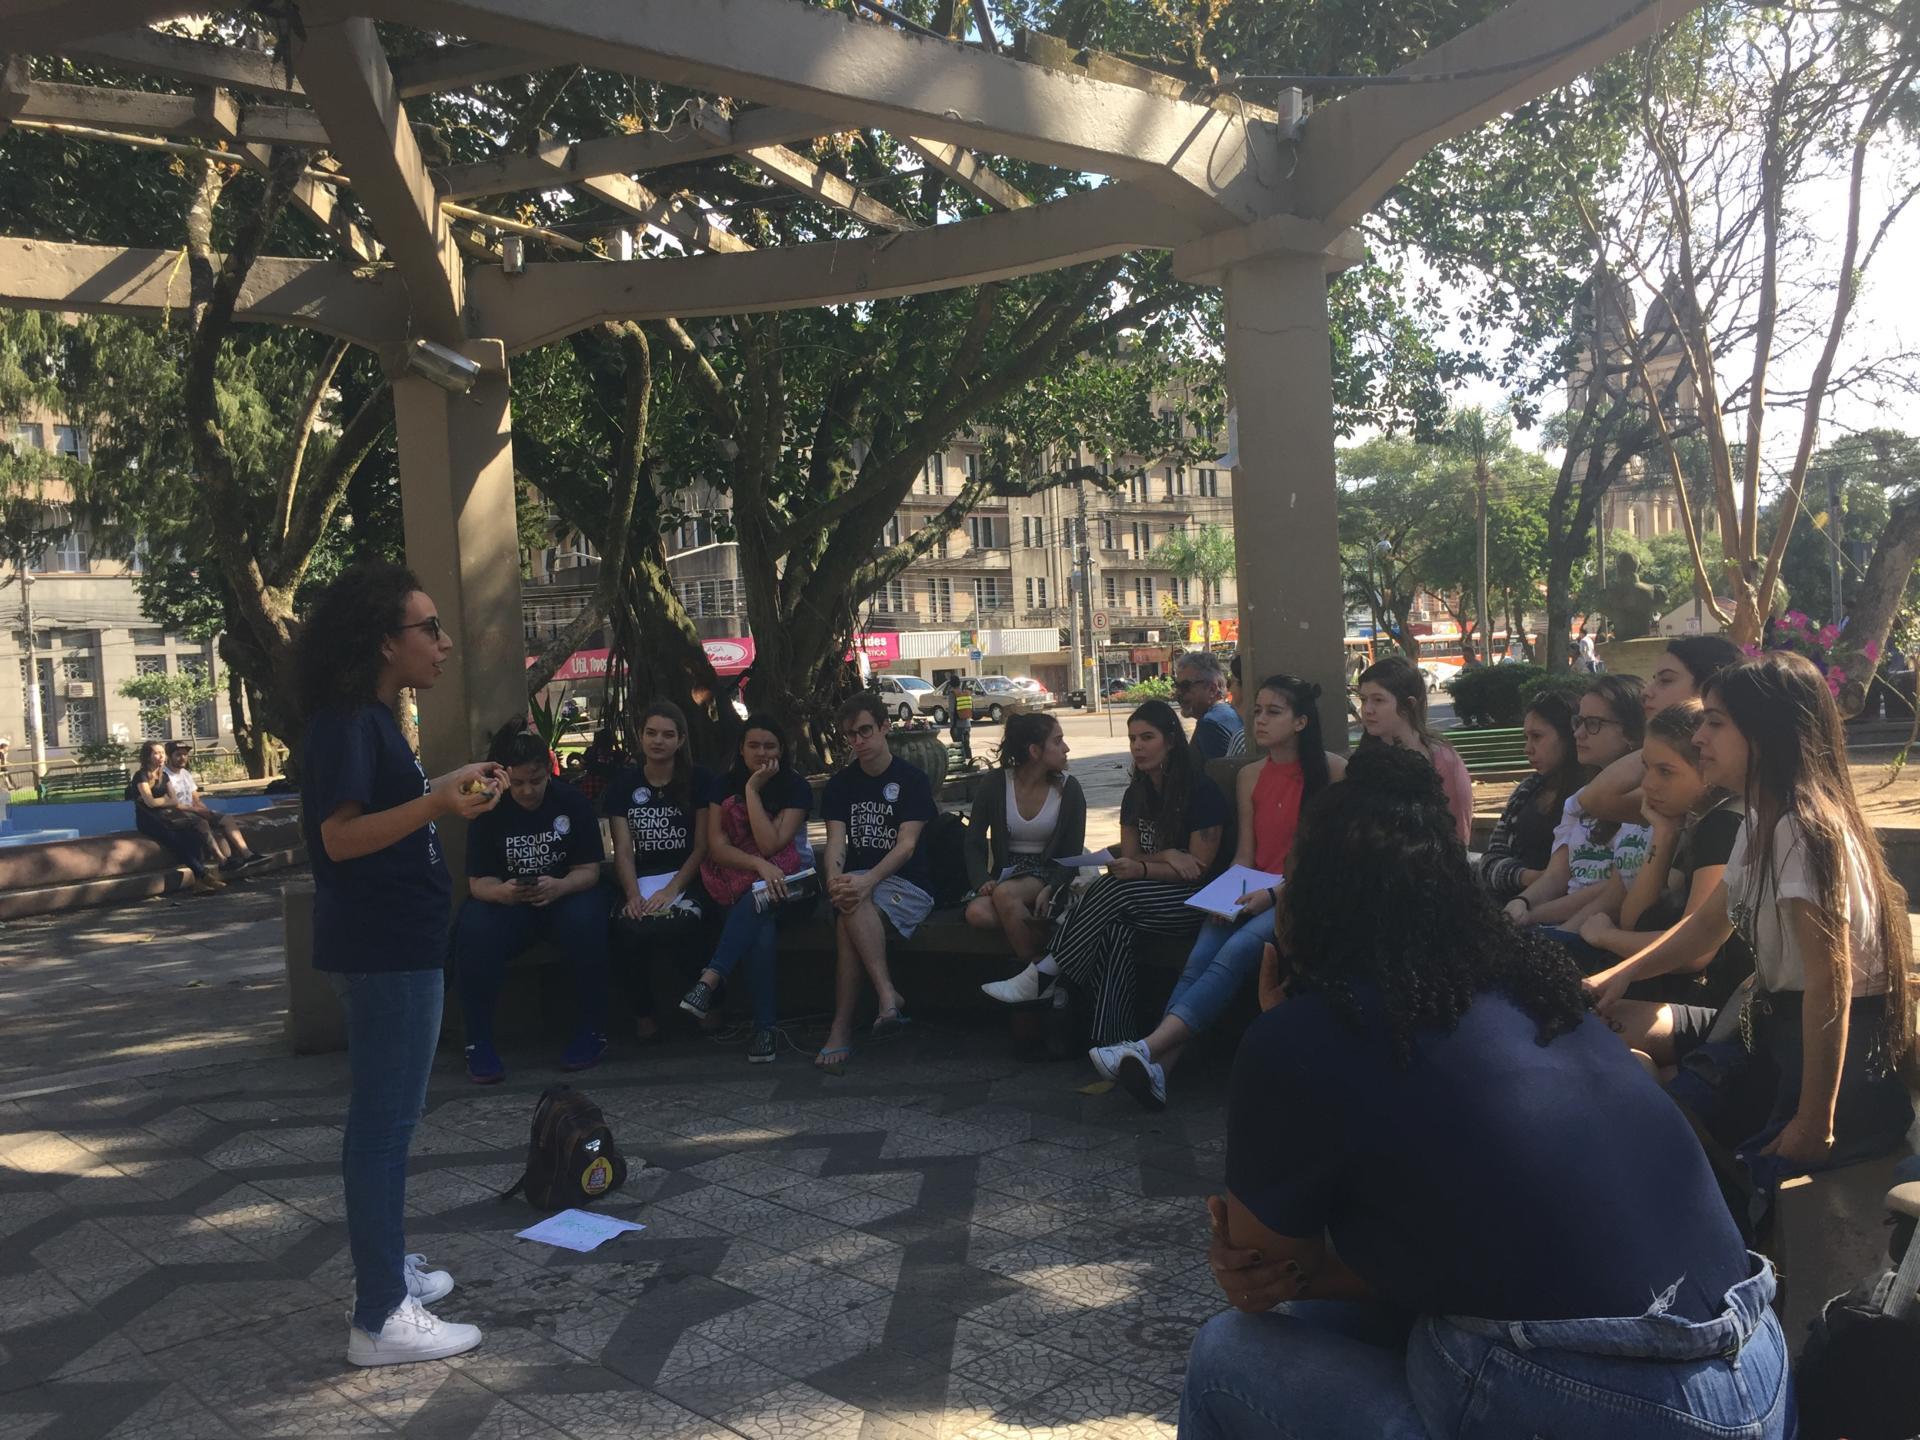 Foto colorida horizontal mostra uma pessoa em pé e outras sentadas ouvindo-a no coreto da praça